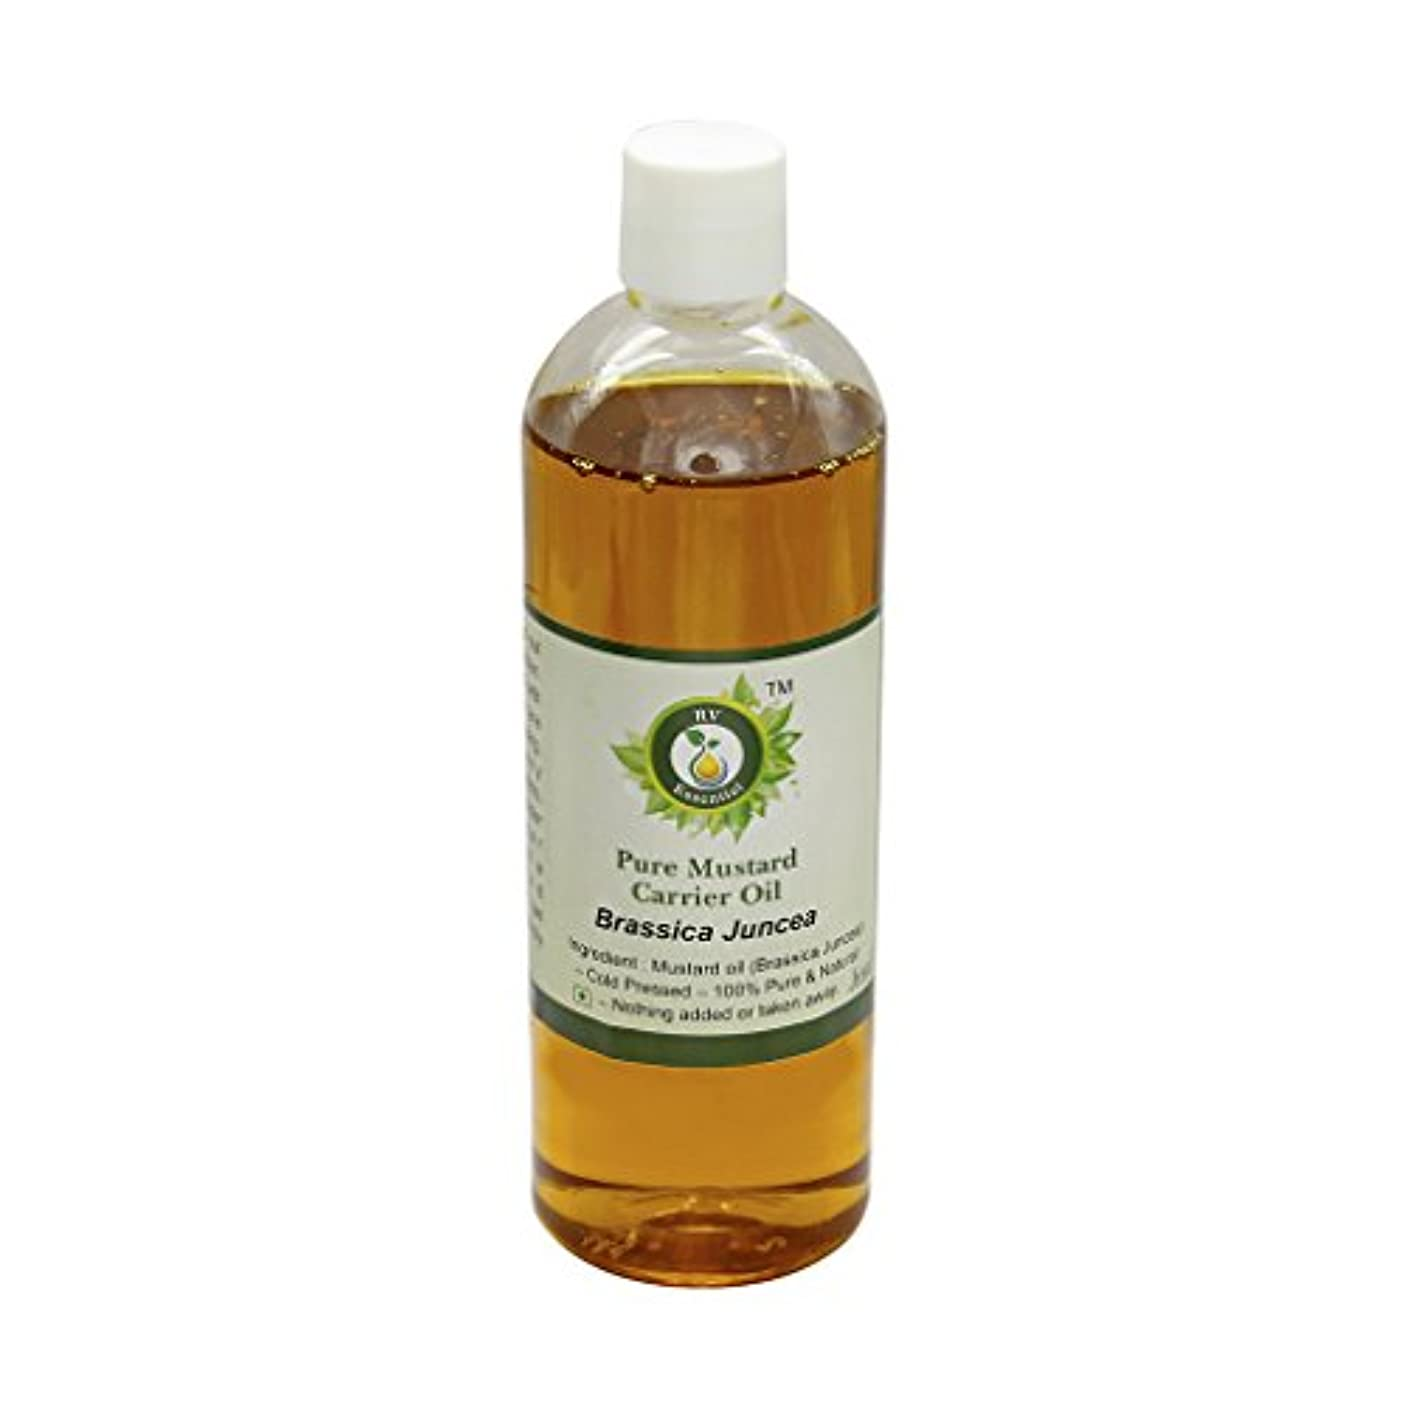 ビバカラス誕生R V Essential 純粋なマスタードキャリアオイル100ml (3.38oz)- Brassica Juncea (100%ピュア&ナチュラルコールドPressed) Pure Mustard Carrier Oil